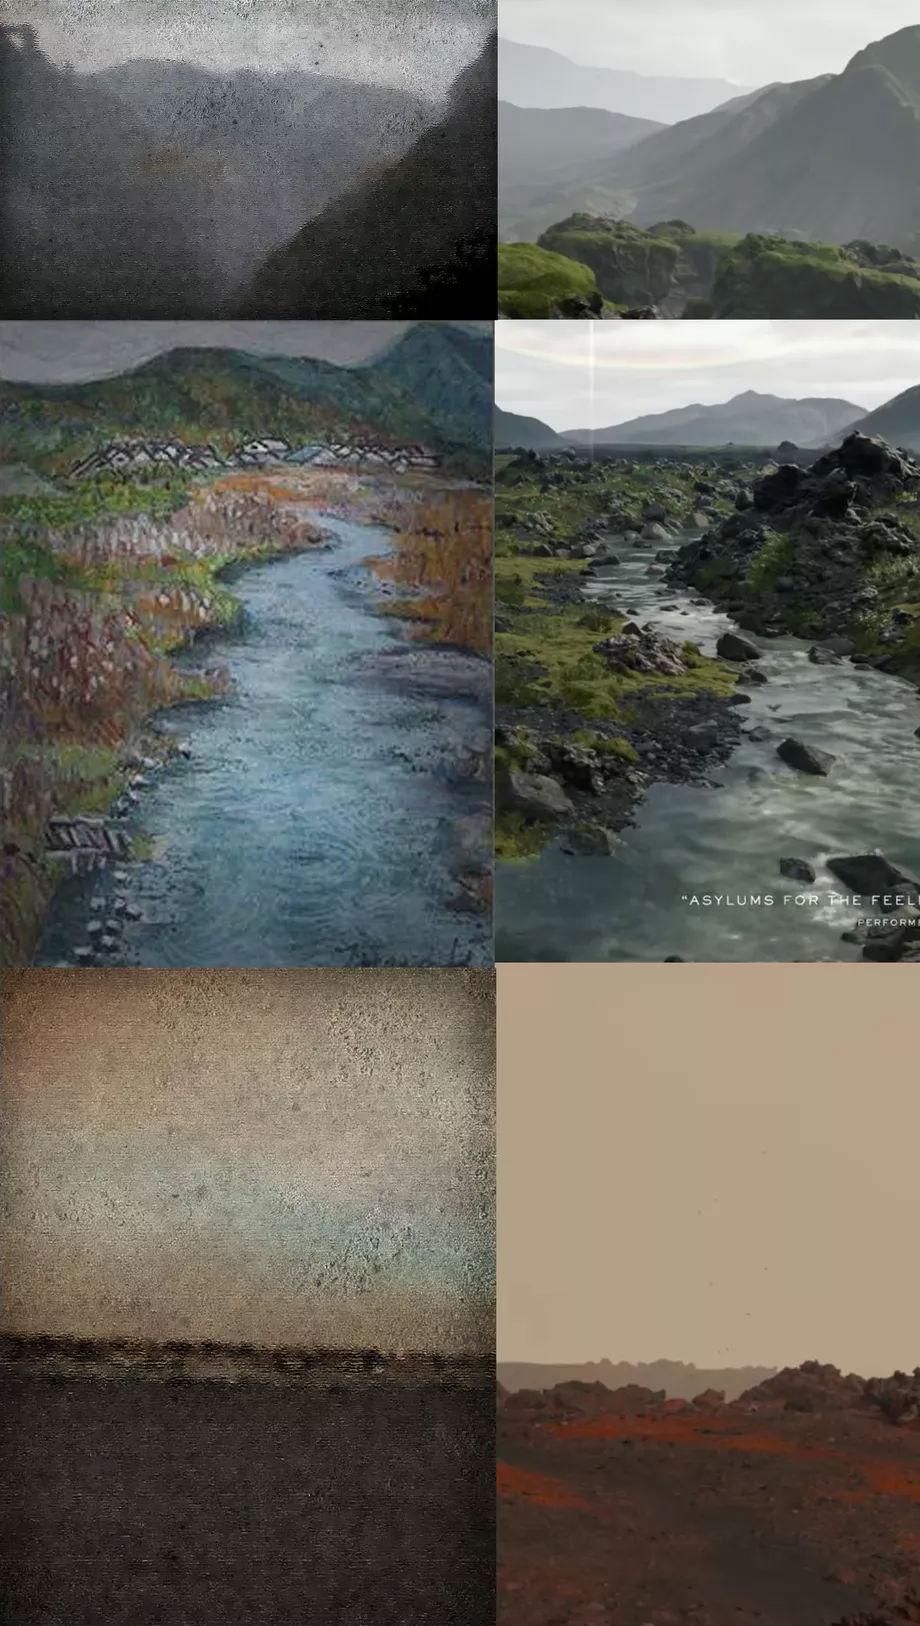 Teorias ou provas: as relações de Death Stranding com P.T. e Silent Hill 4